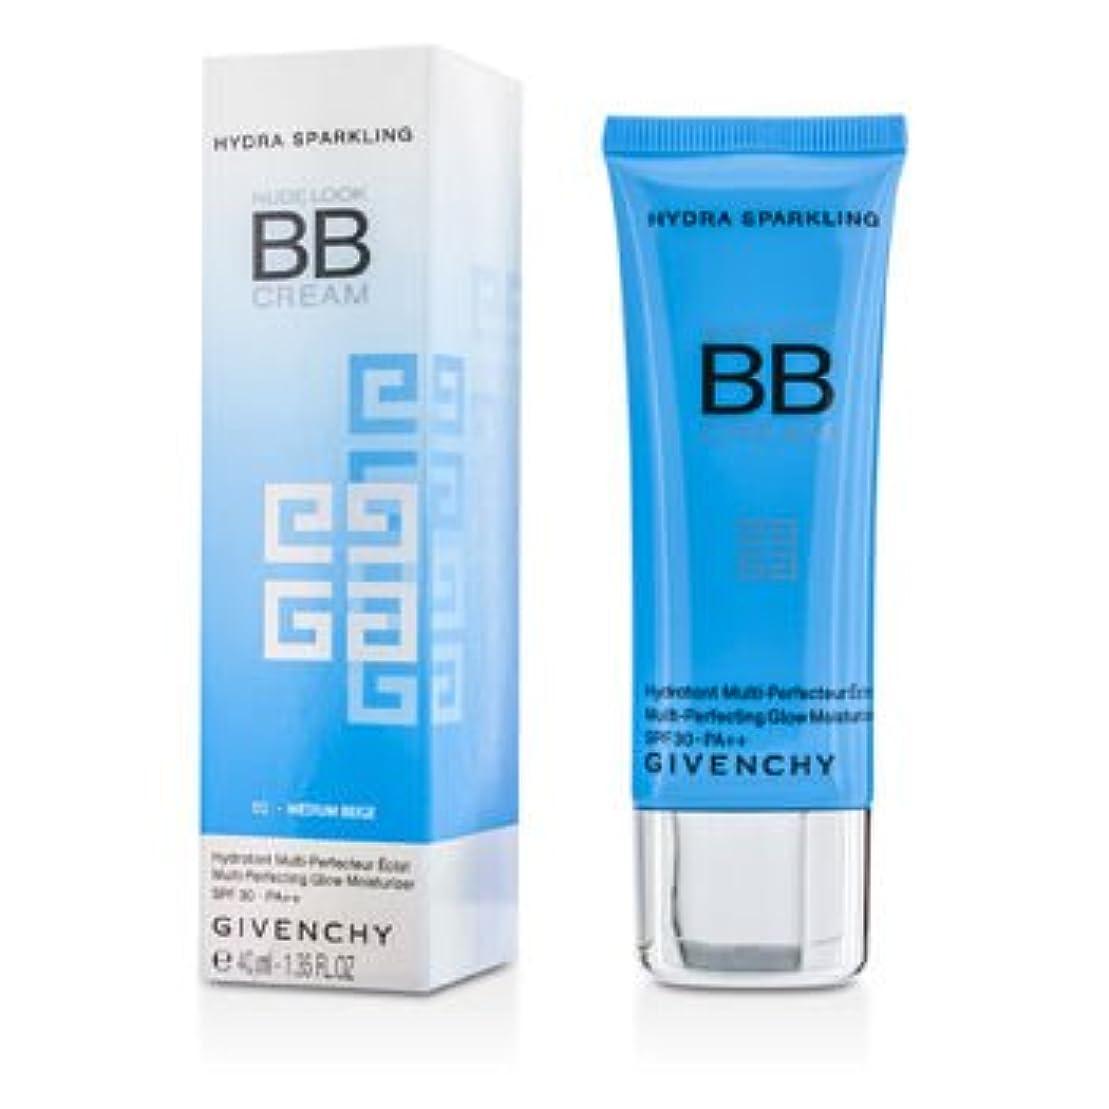 絶えず祝福ダーベビルのテス[Givenchy] Nude Look BB Cream Multi-Perfecting Glow Moisturizer SPF 30 PA++ #02 Medium Beige 40ml/1.35oz